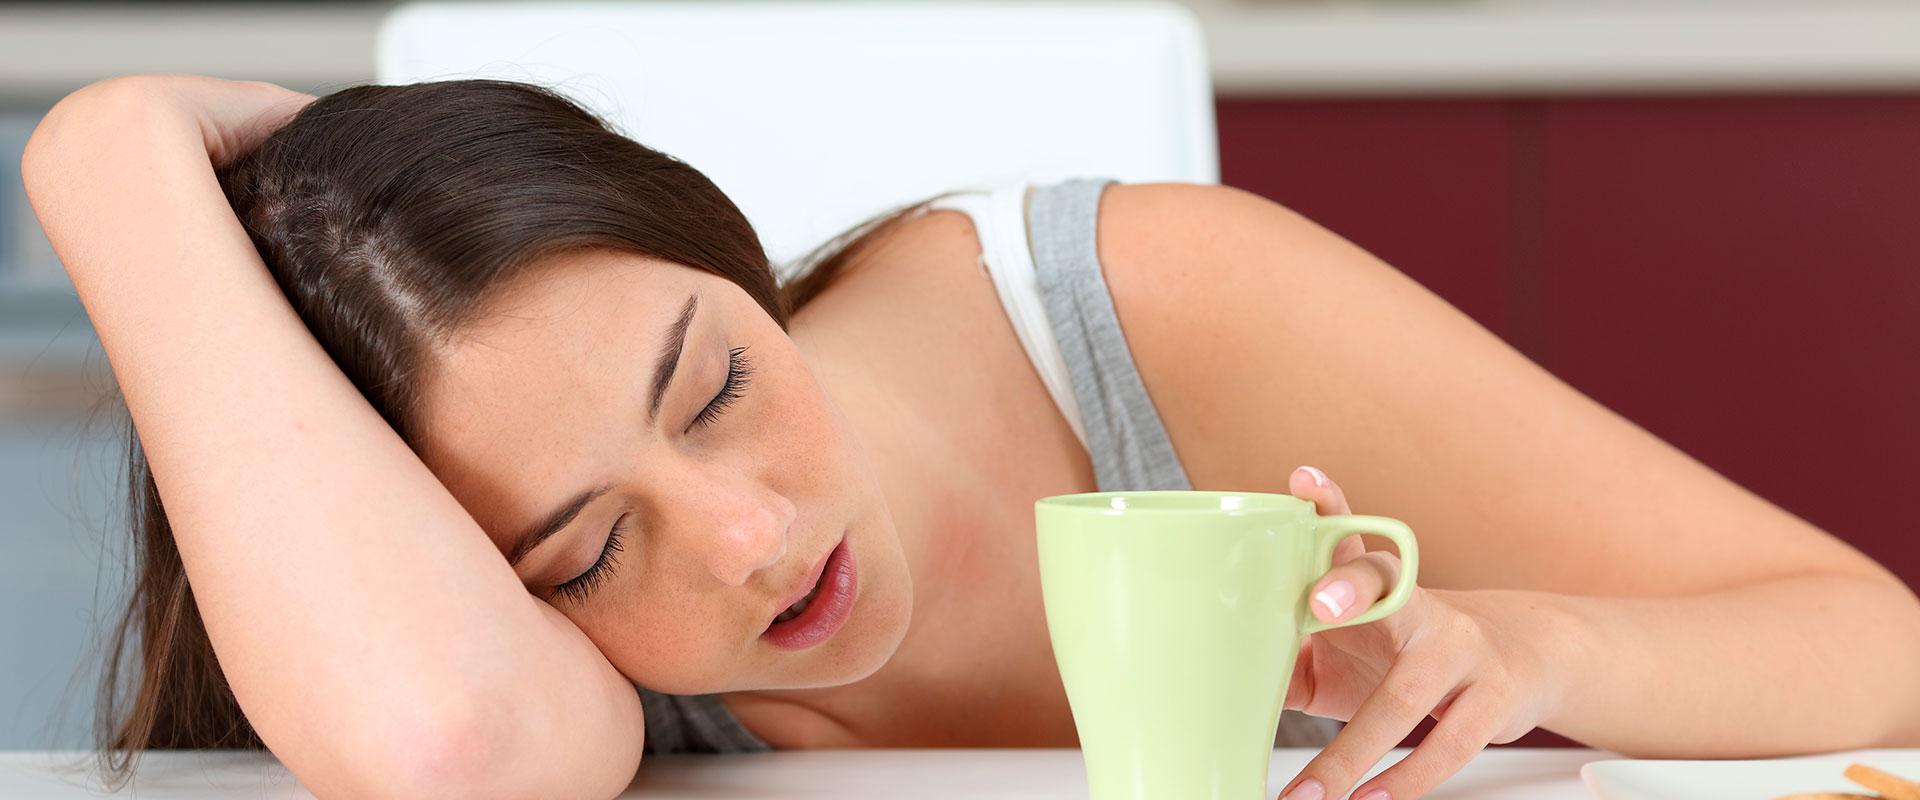 Mujer con narcolepsia durmiendo mientras toma café.